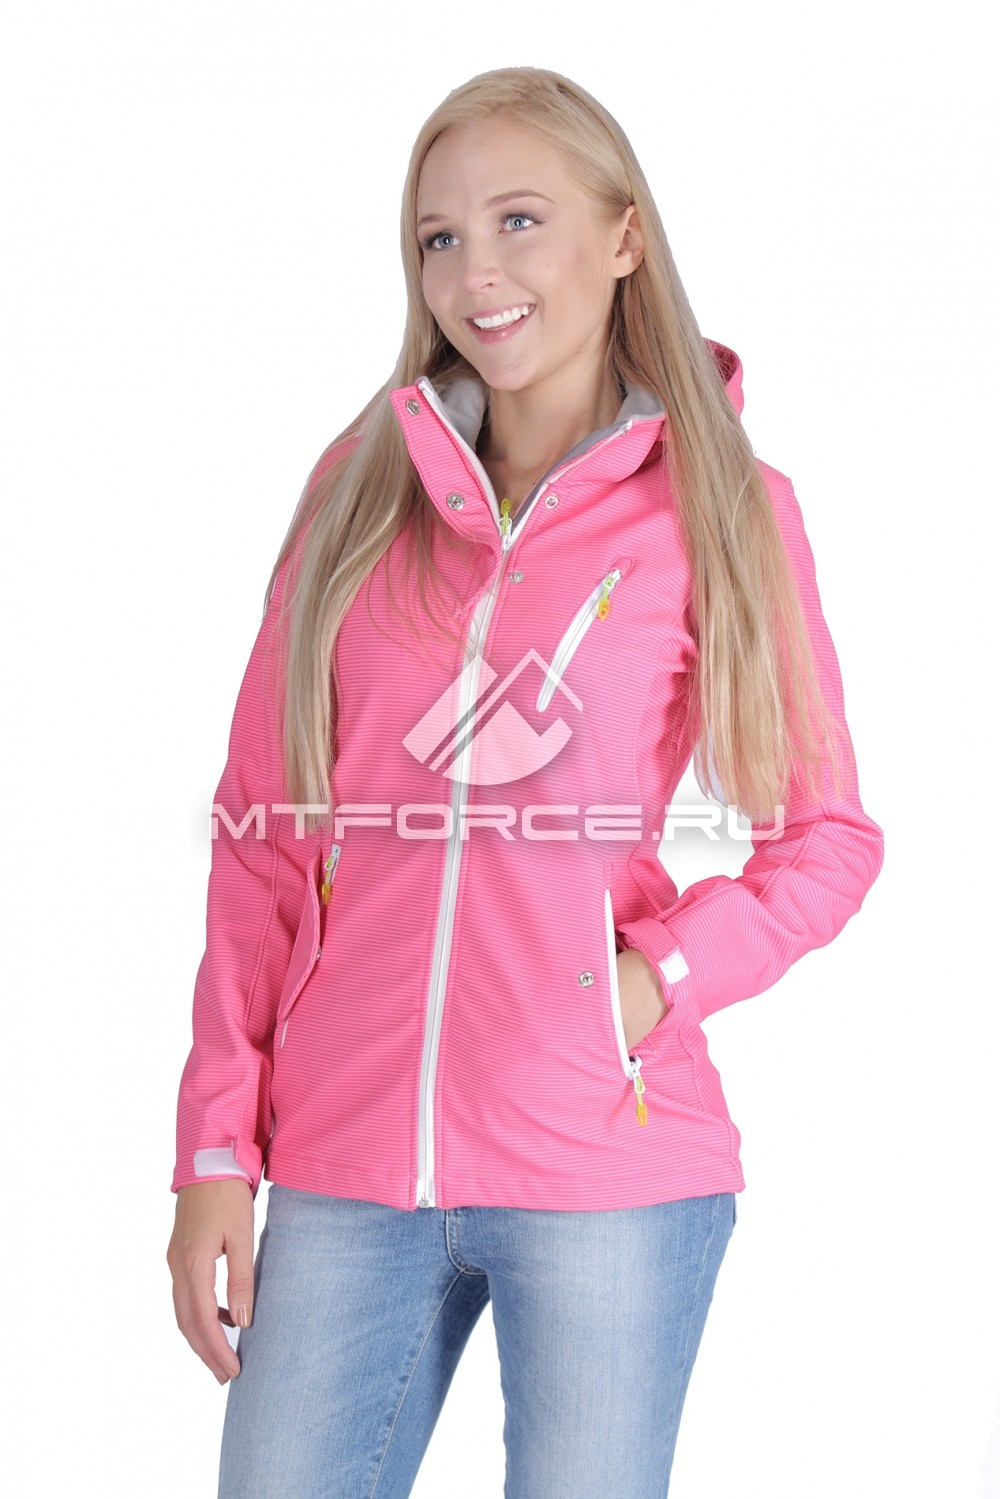 Купить                                  оптом Ветровка - виндстоппер женская розового цвета 1638R-1